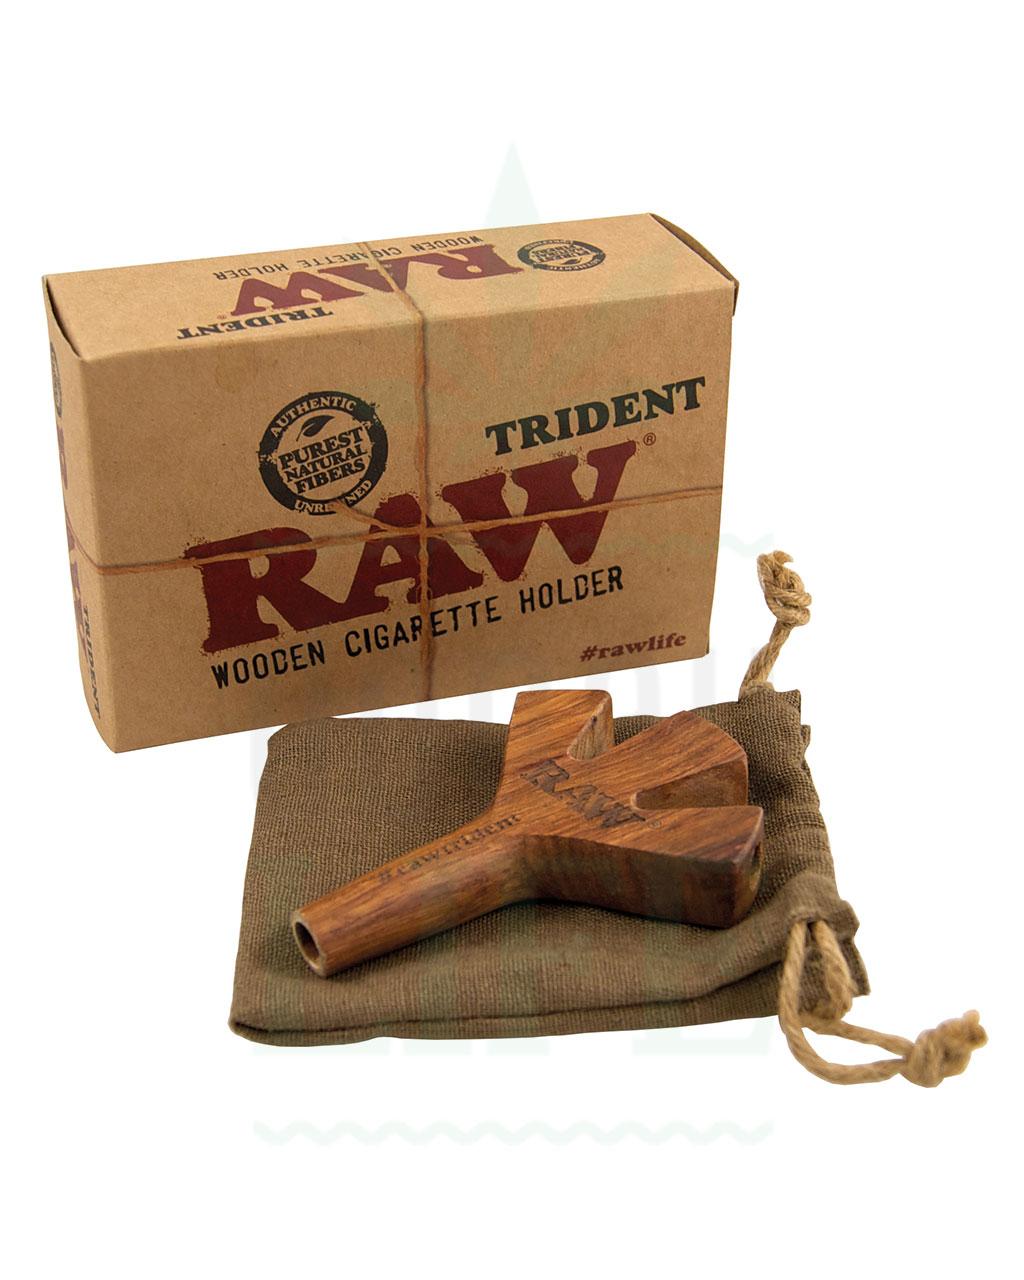 Beliebte Marken RAW Multi-Joint Holder | 2, 3 oder 5